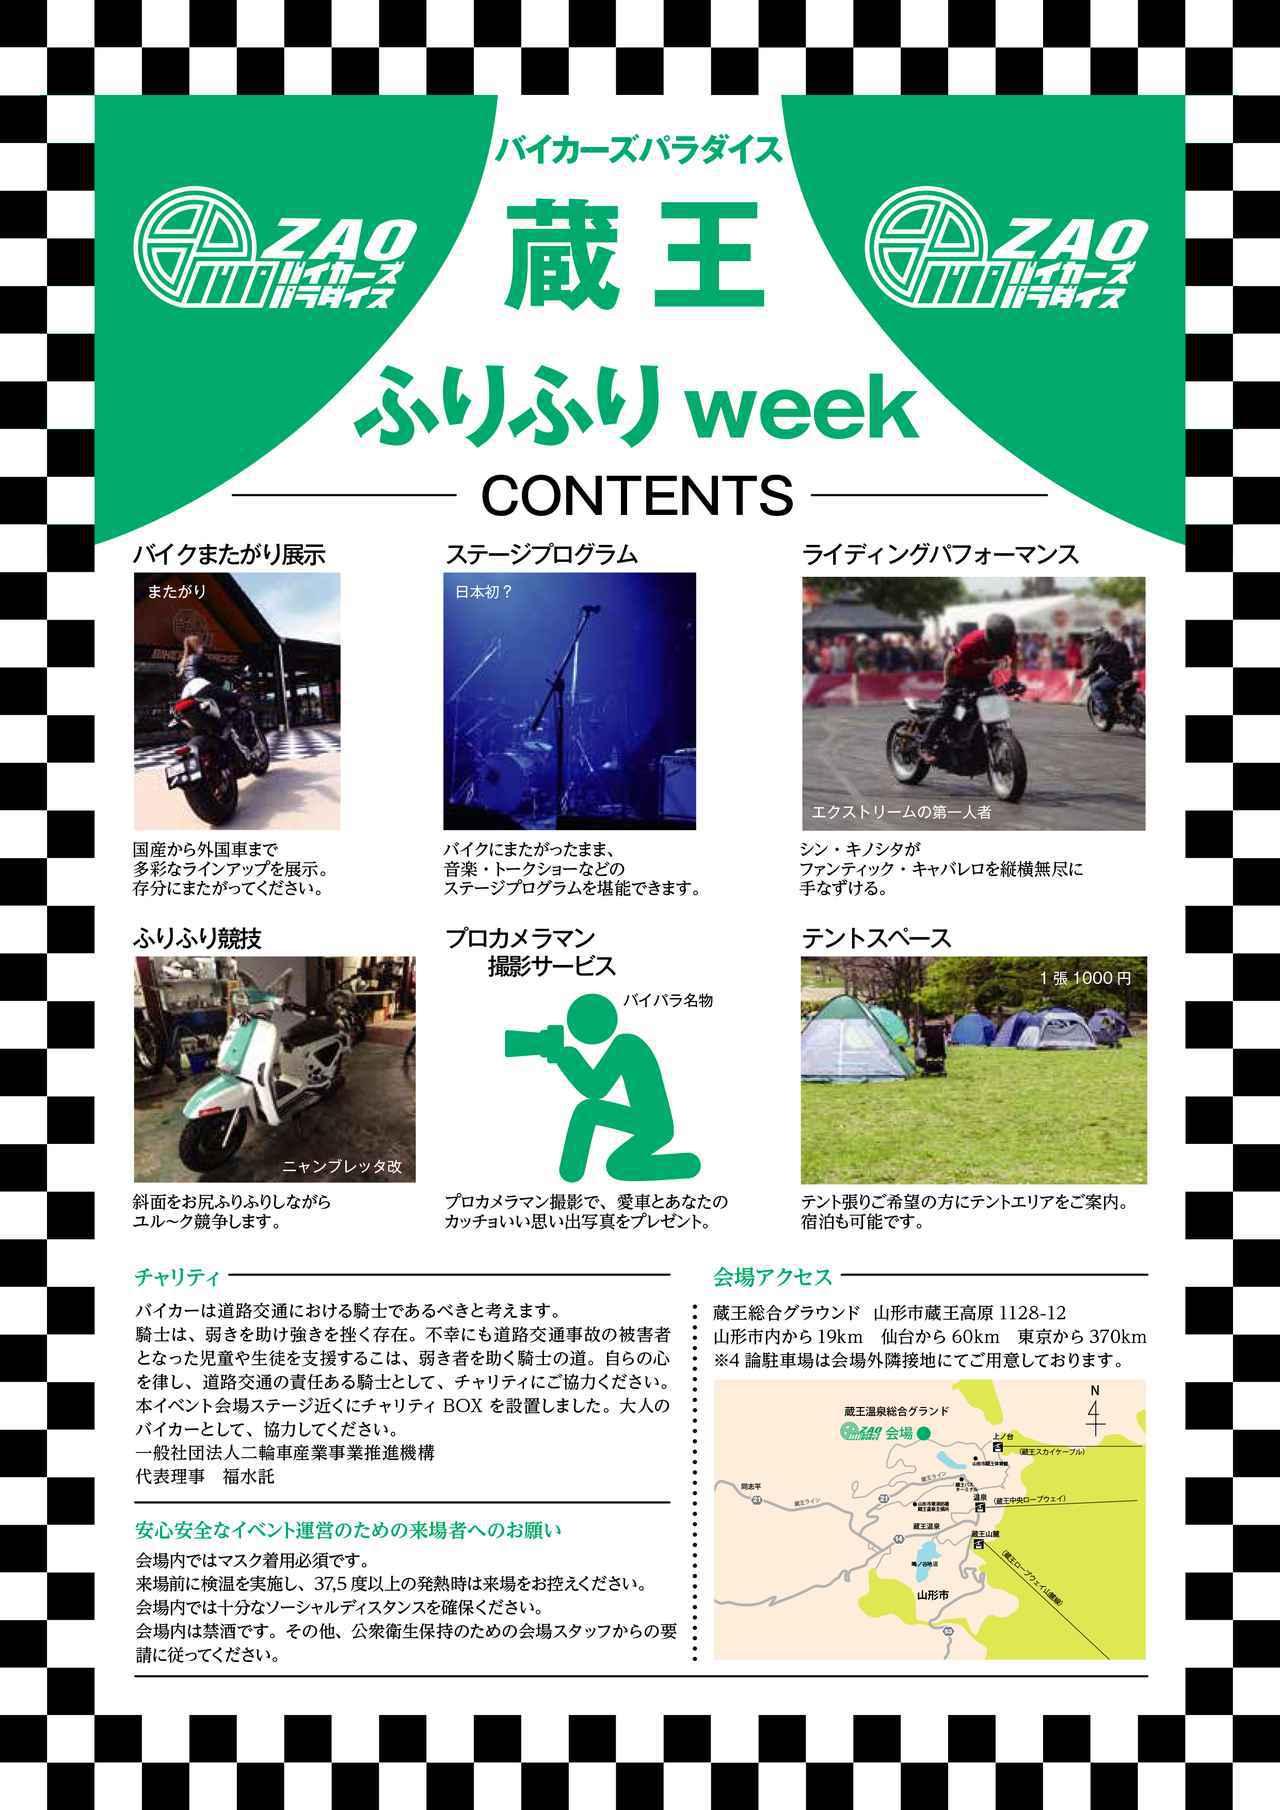 画像2: 東北最大のバイクイベント「第1回 バーカーズパラダイス 蔵王 ふりふり Week」が開催|イベント会場内でRIDE集会も開催します!